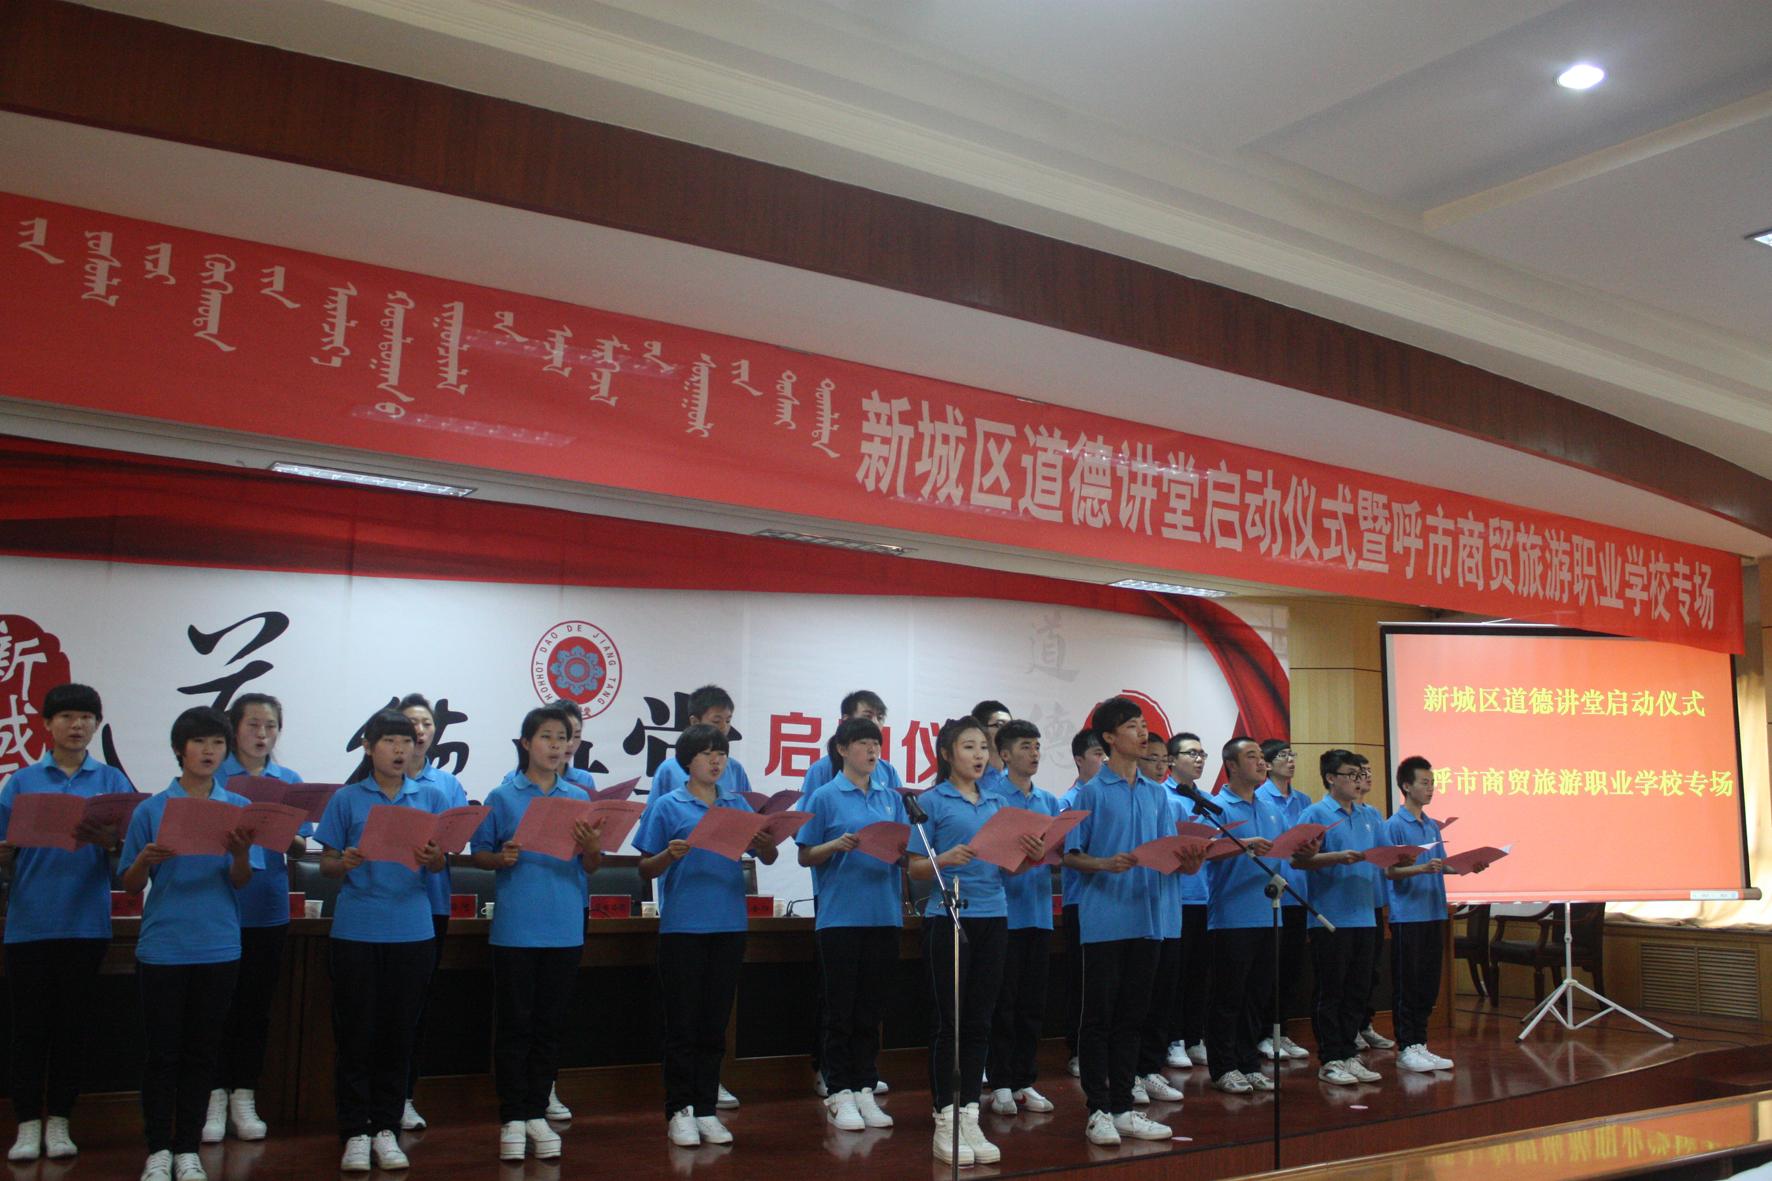 呼和浩特市商贸旅游职业学校(集团)国家级示范中等职业学校国家级重点